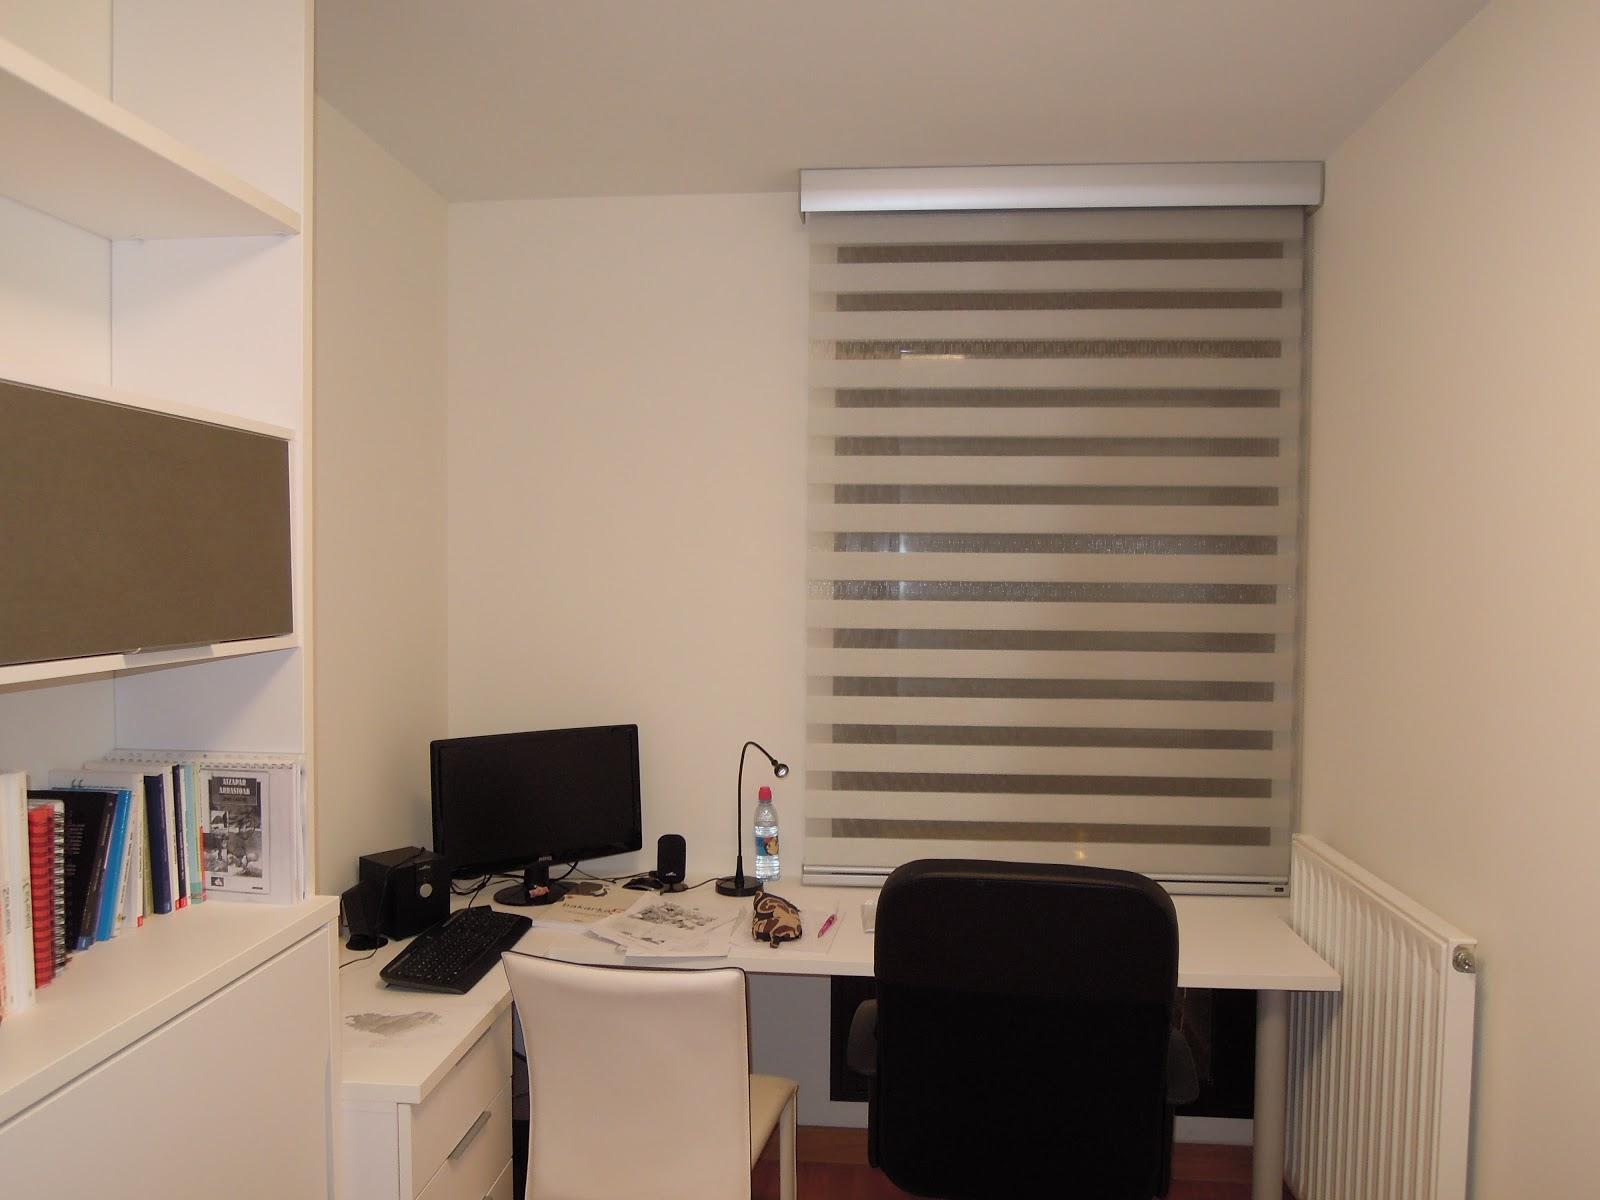 Fotos de cortinas dormitorio juvenil 2012 - Cortinas dormitorio juvenil ...